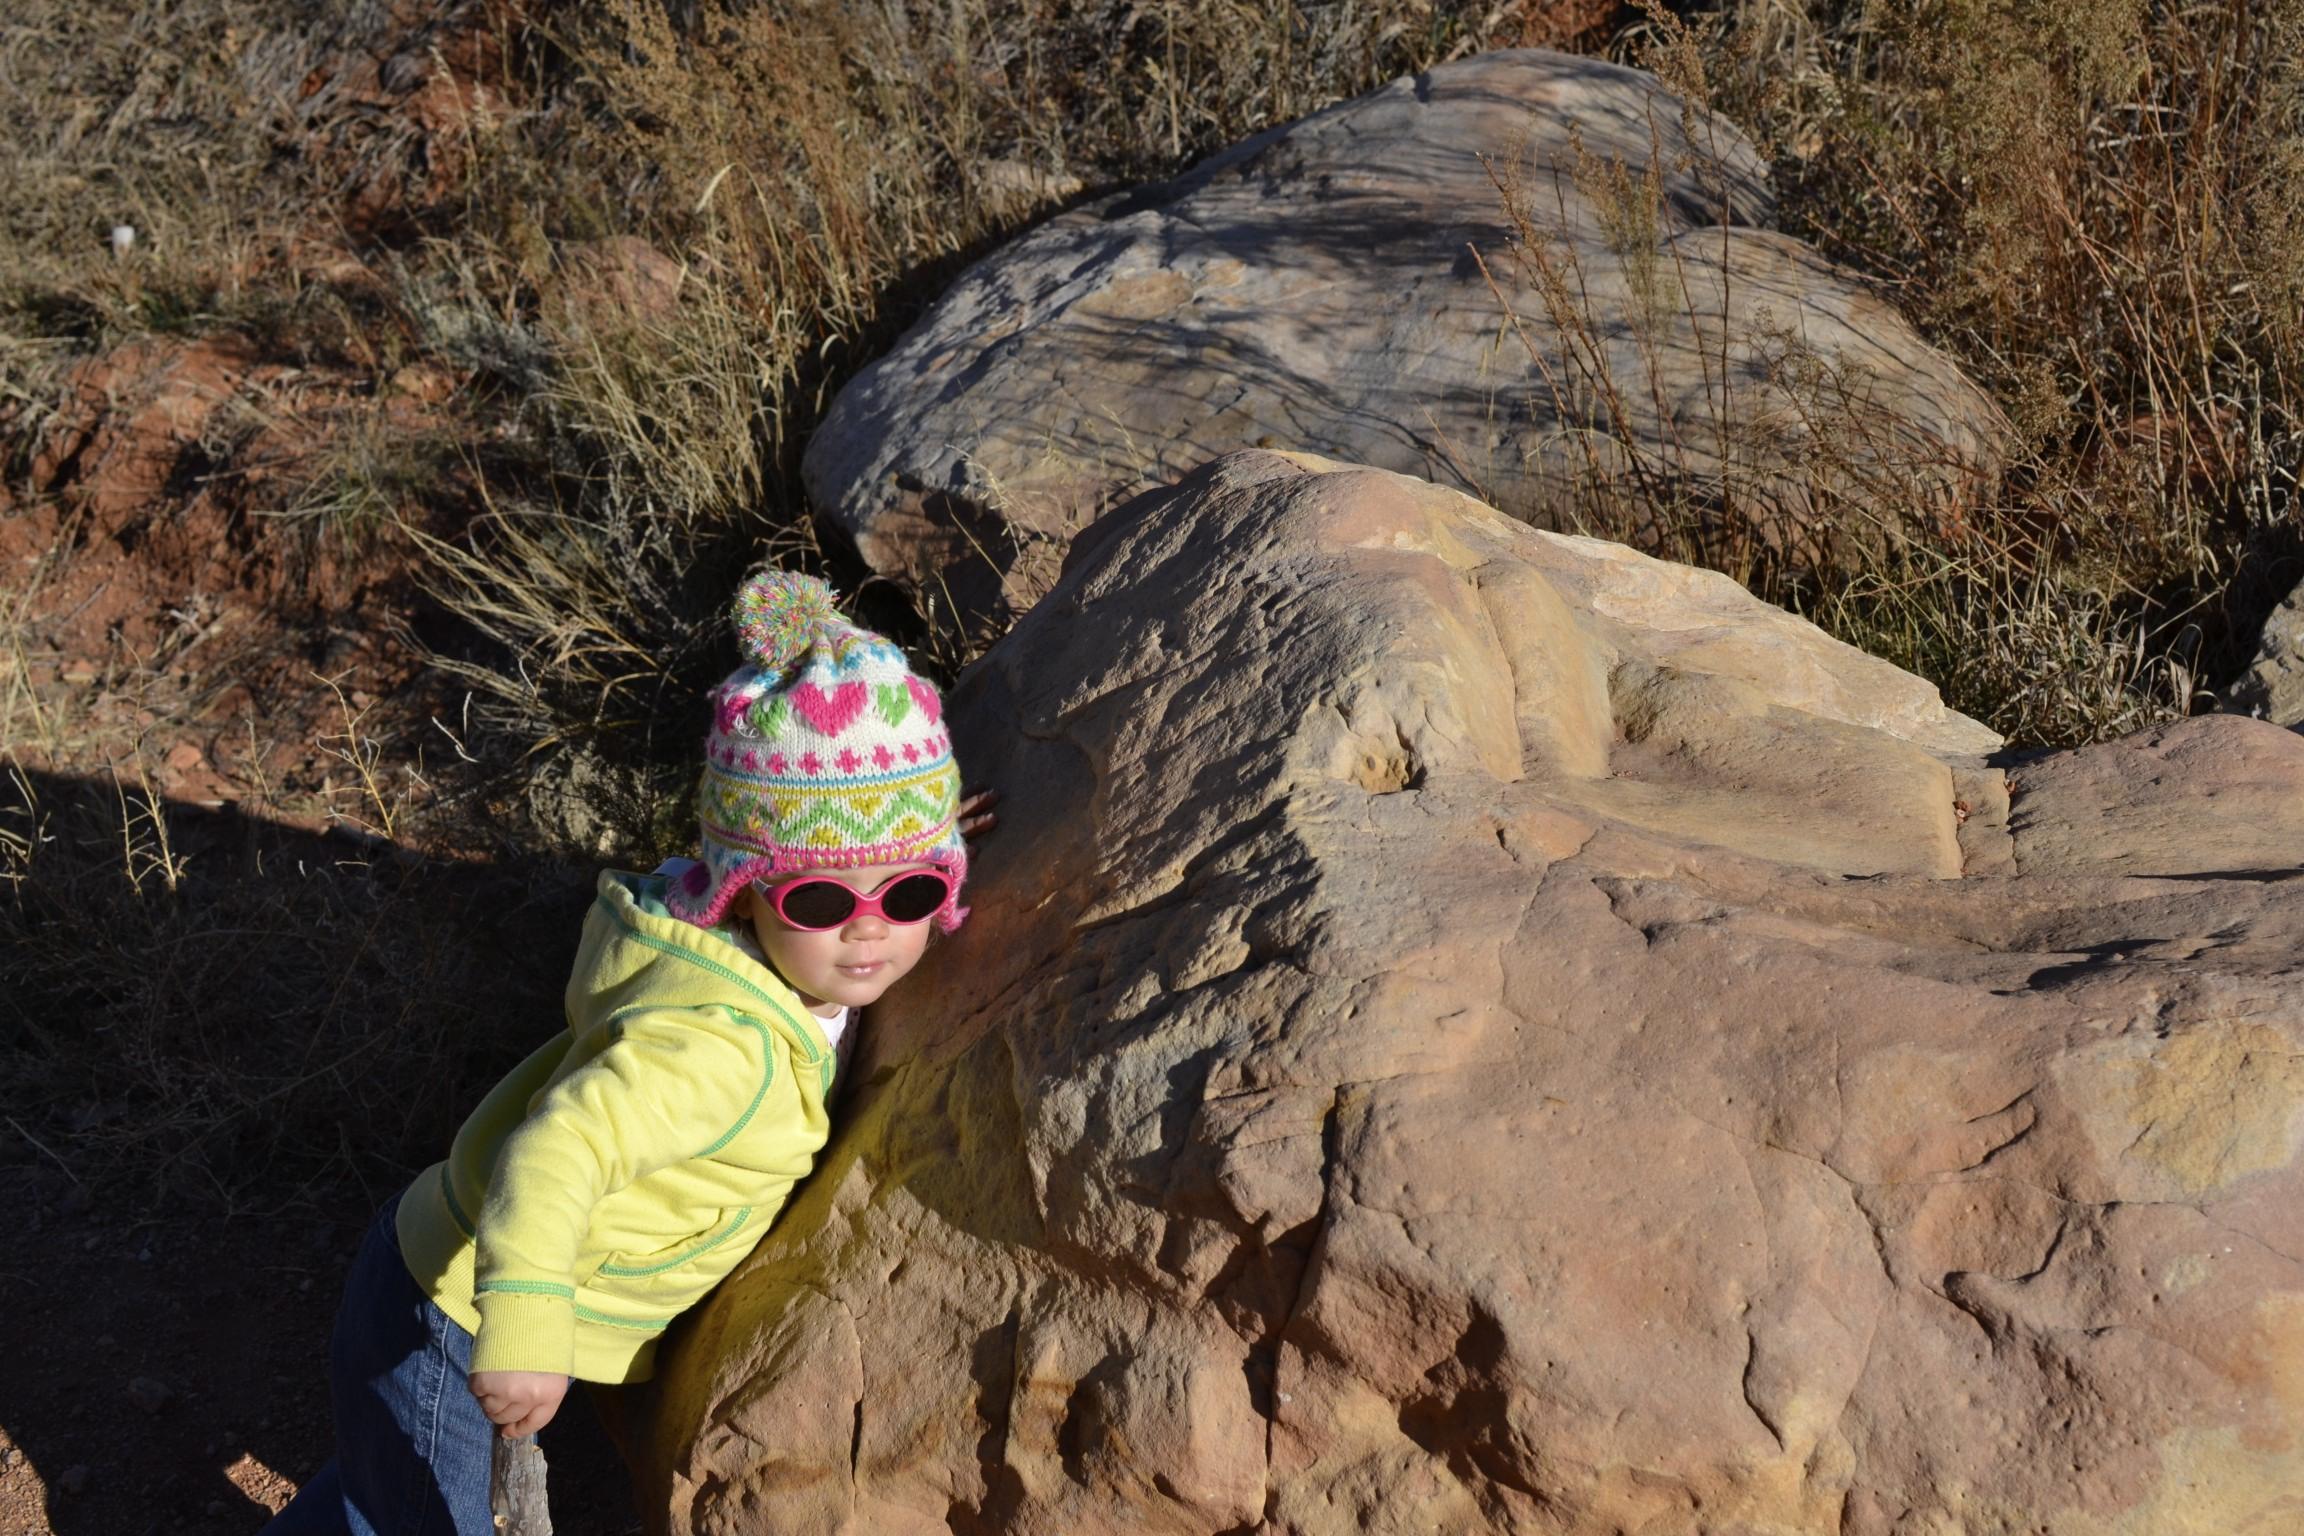 she loves giving hugs...even to rocks.